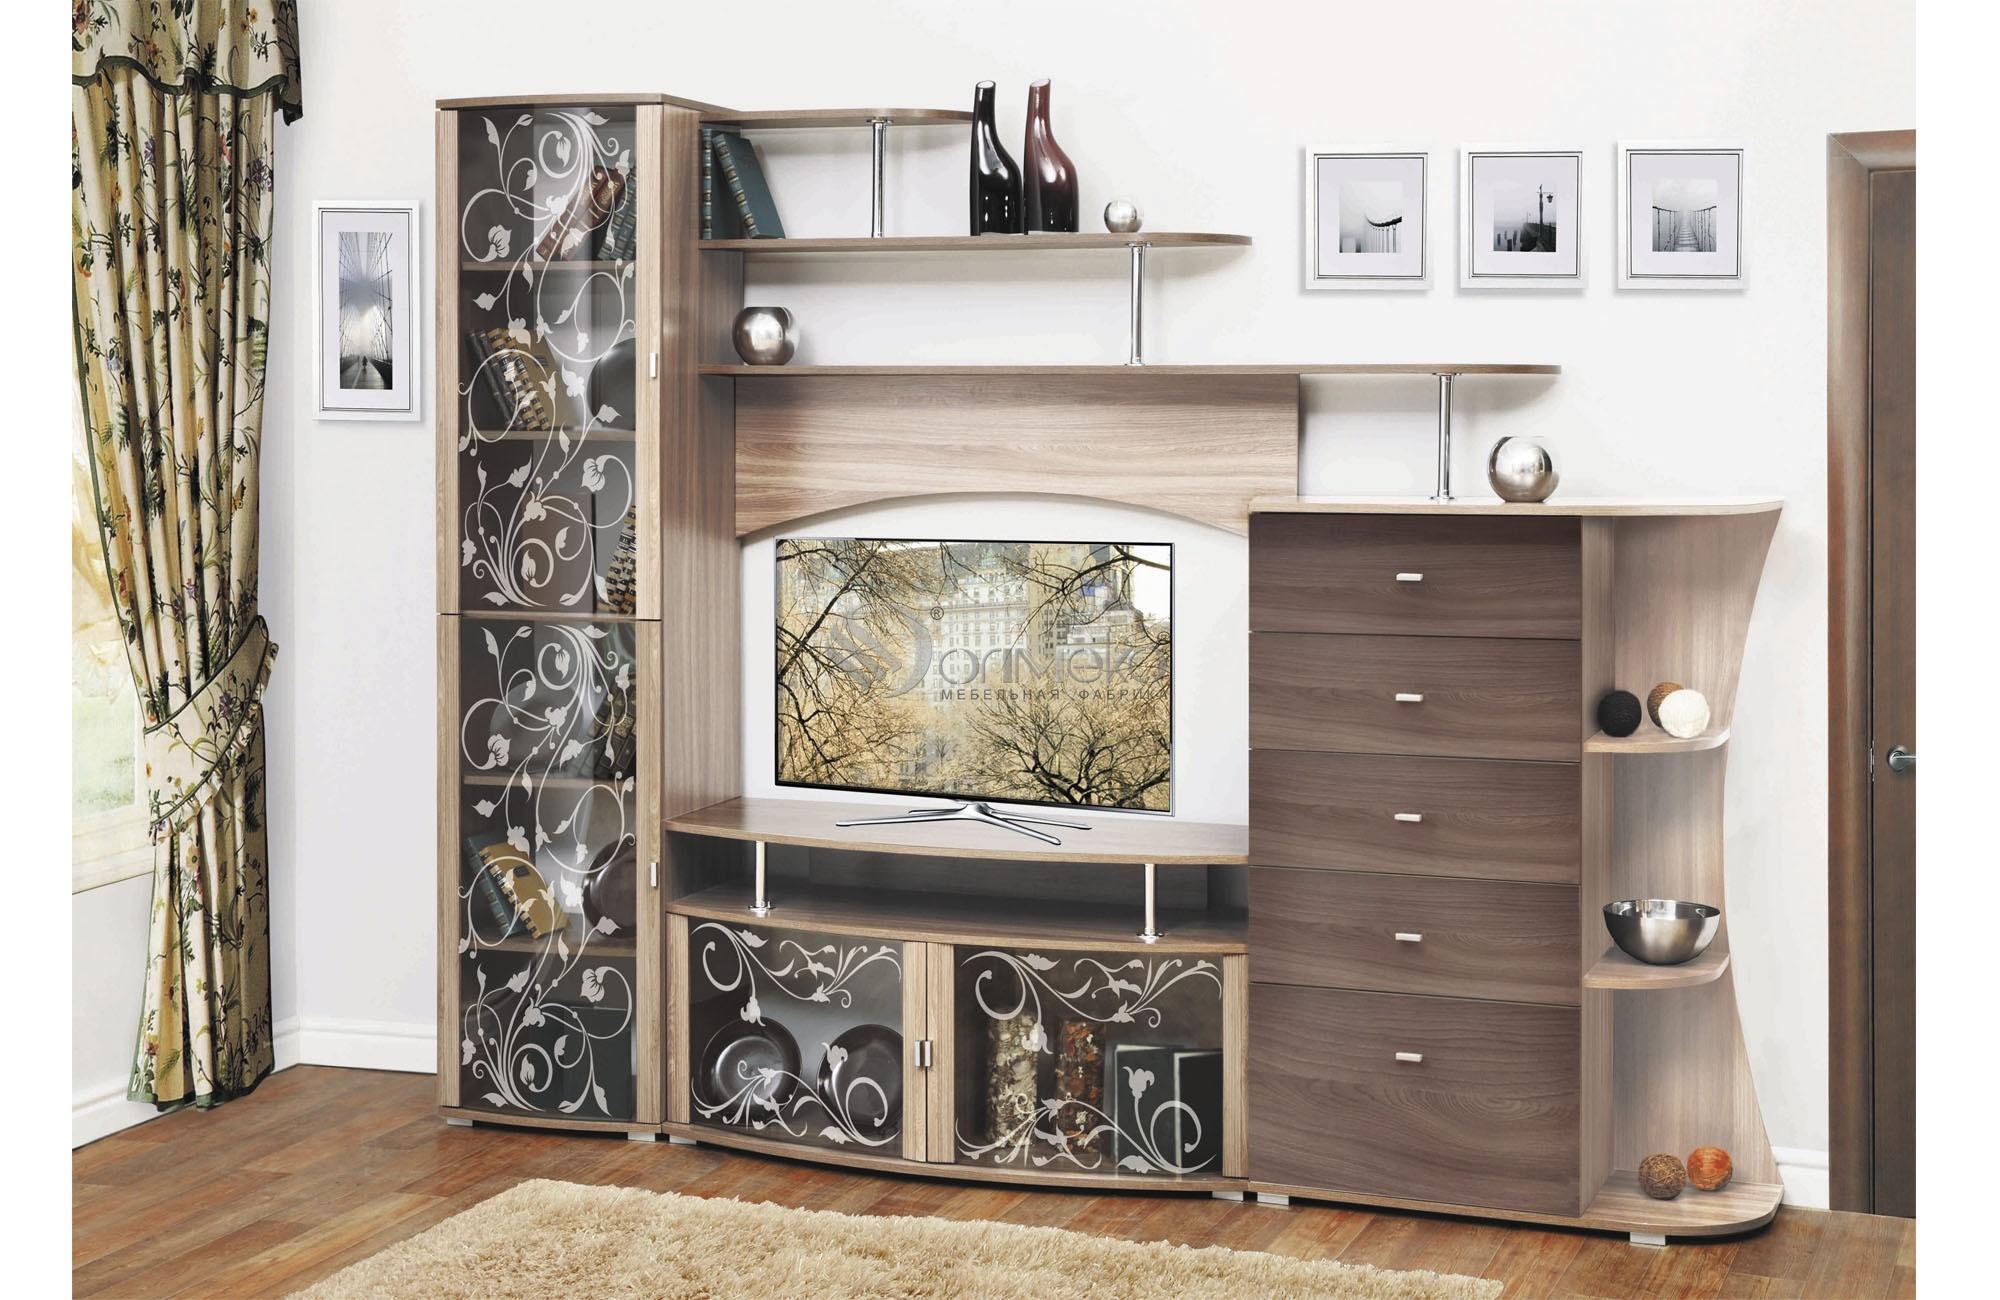 Стенка олимп м15 - мебель для гостиной, диваны, стенки, журн.